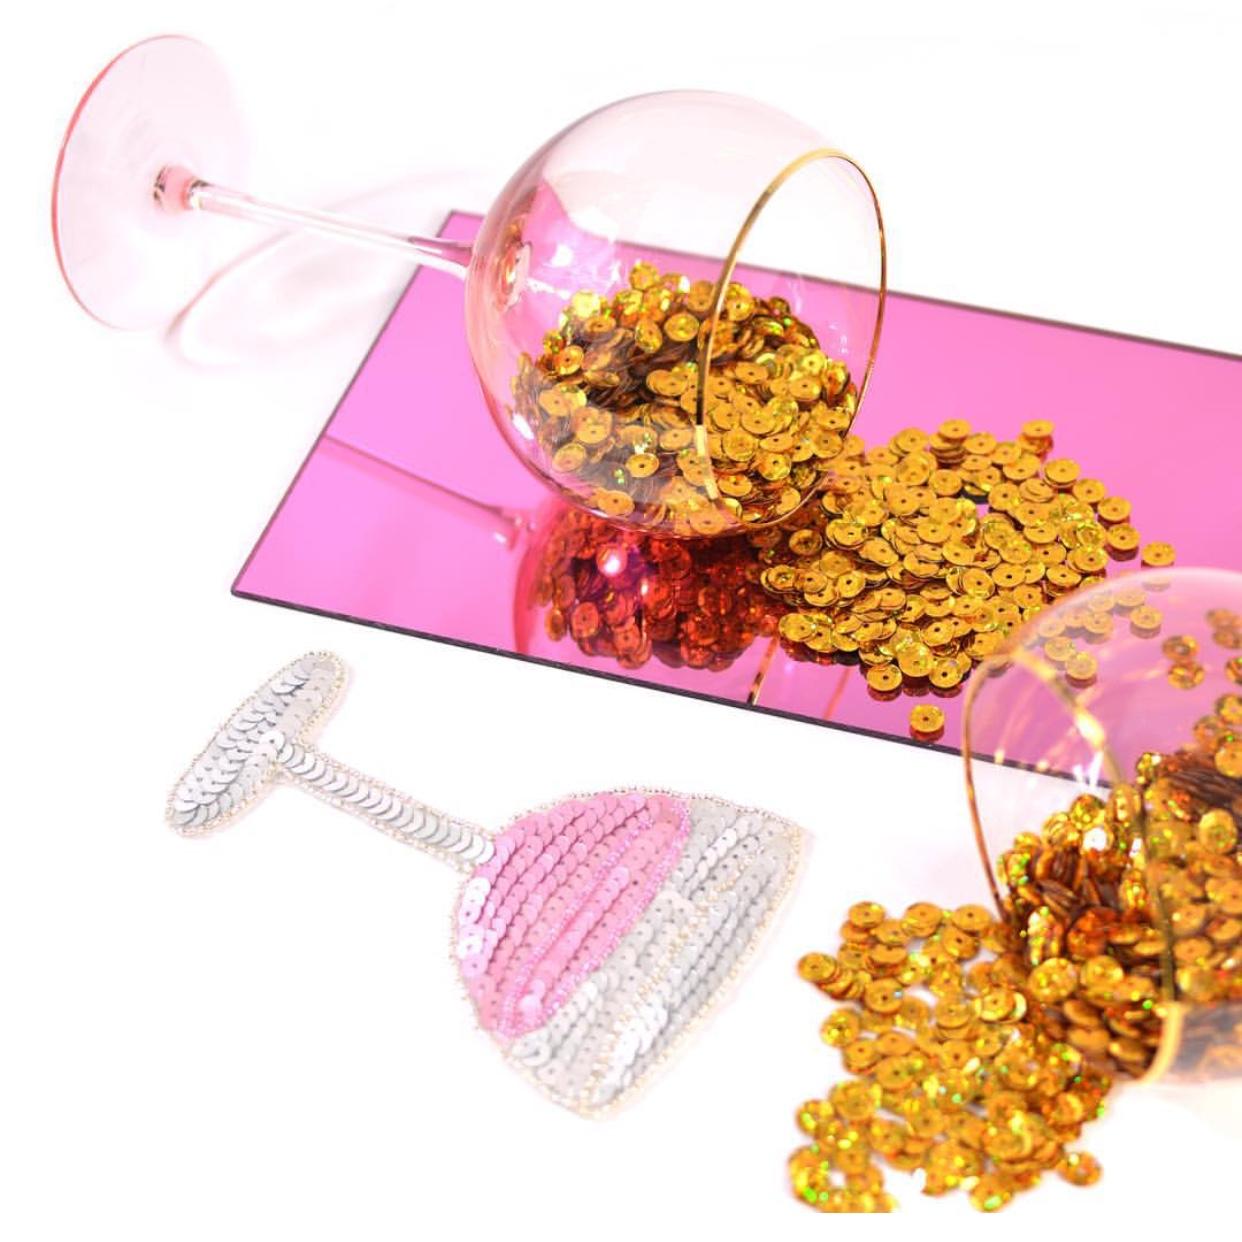 bow-and-drape-by-natasha-rose-09.jpg